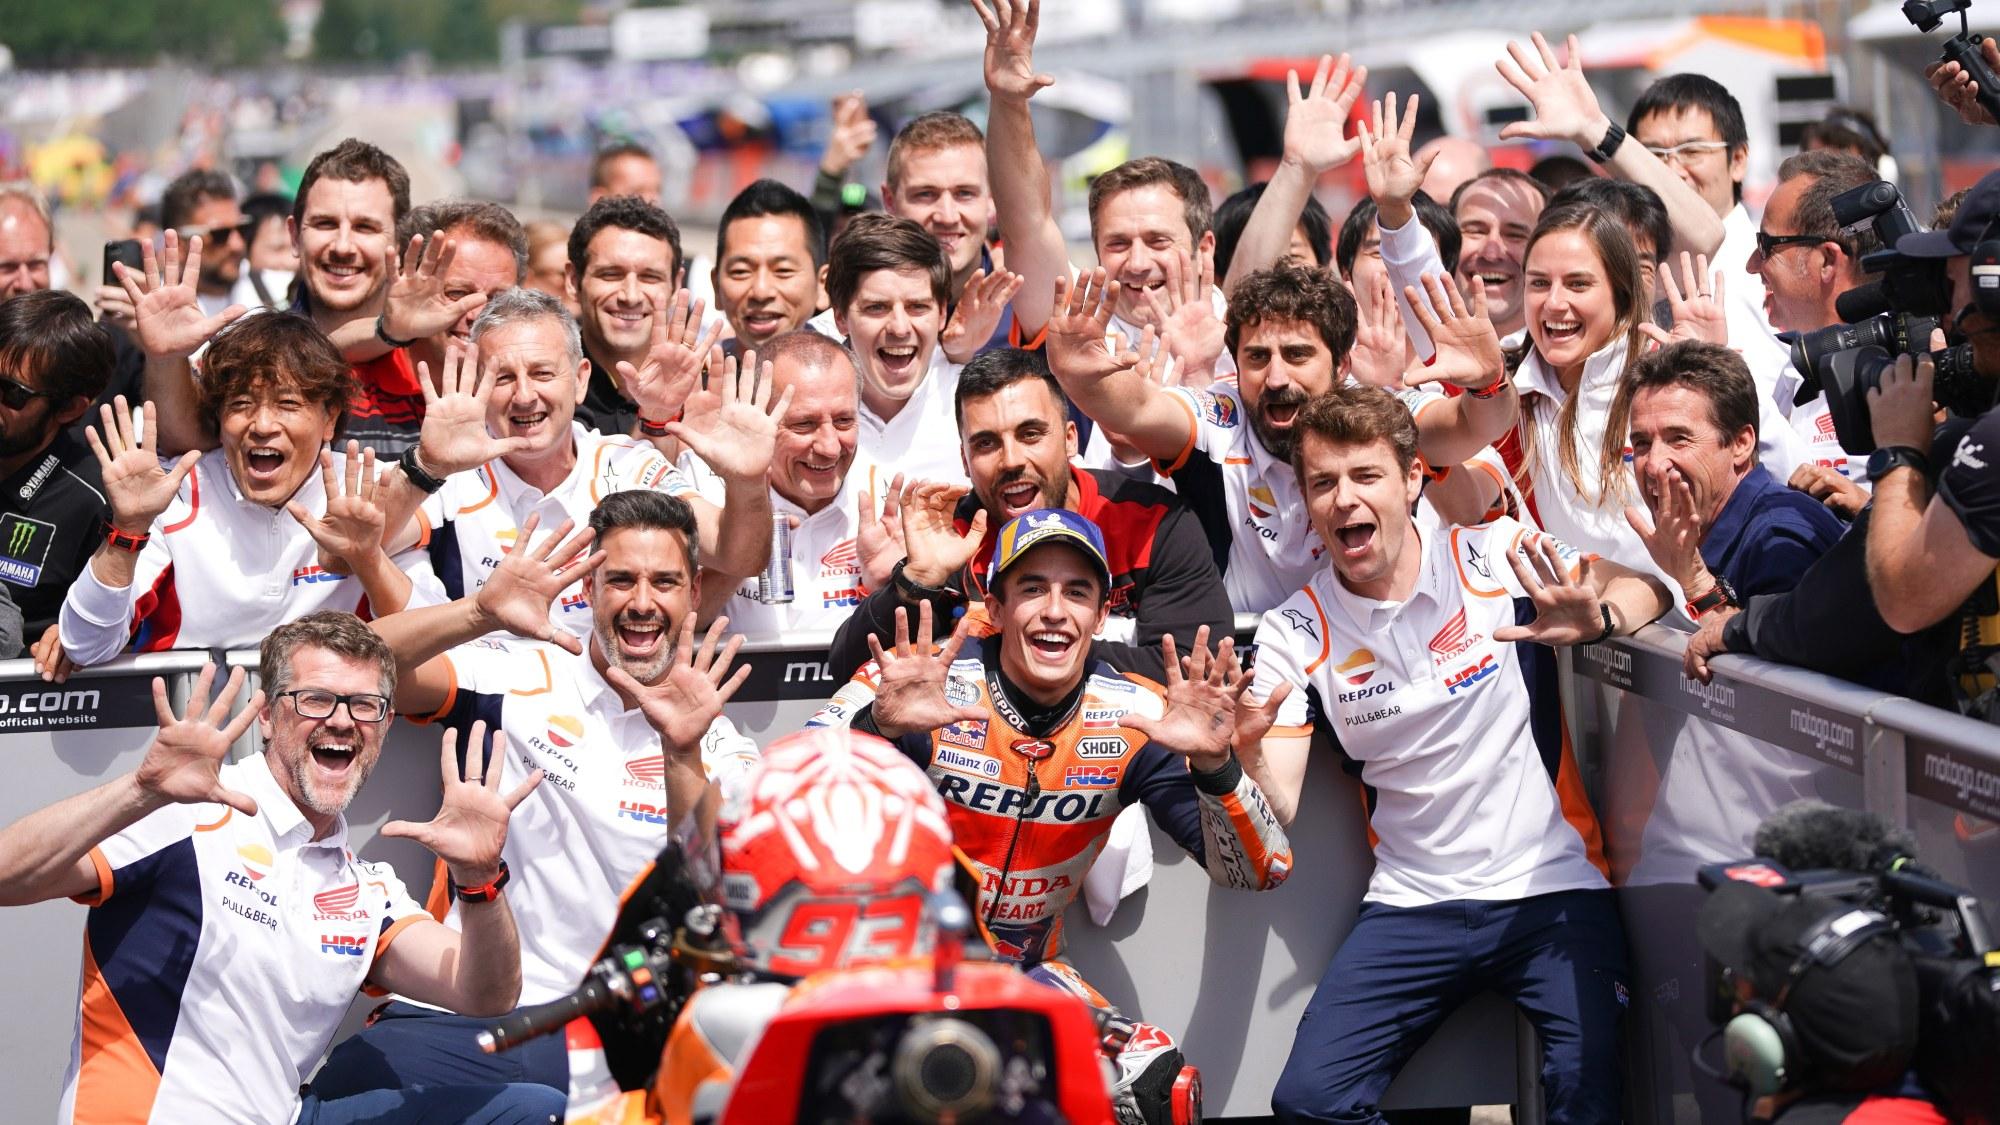 Marc Marquez, 2019 Sachsenring MotoGP